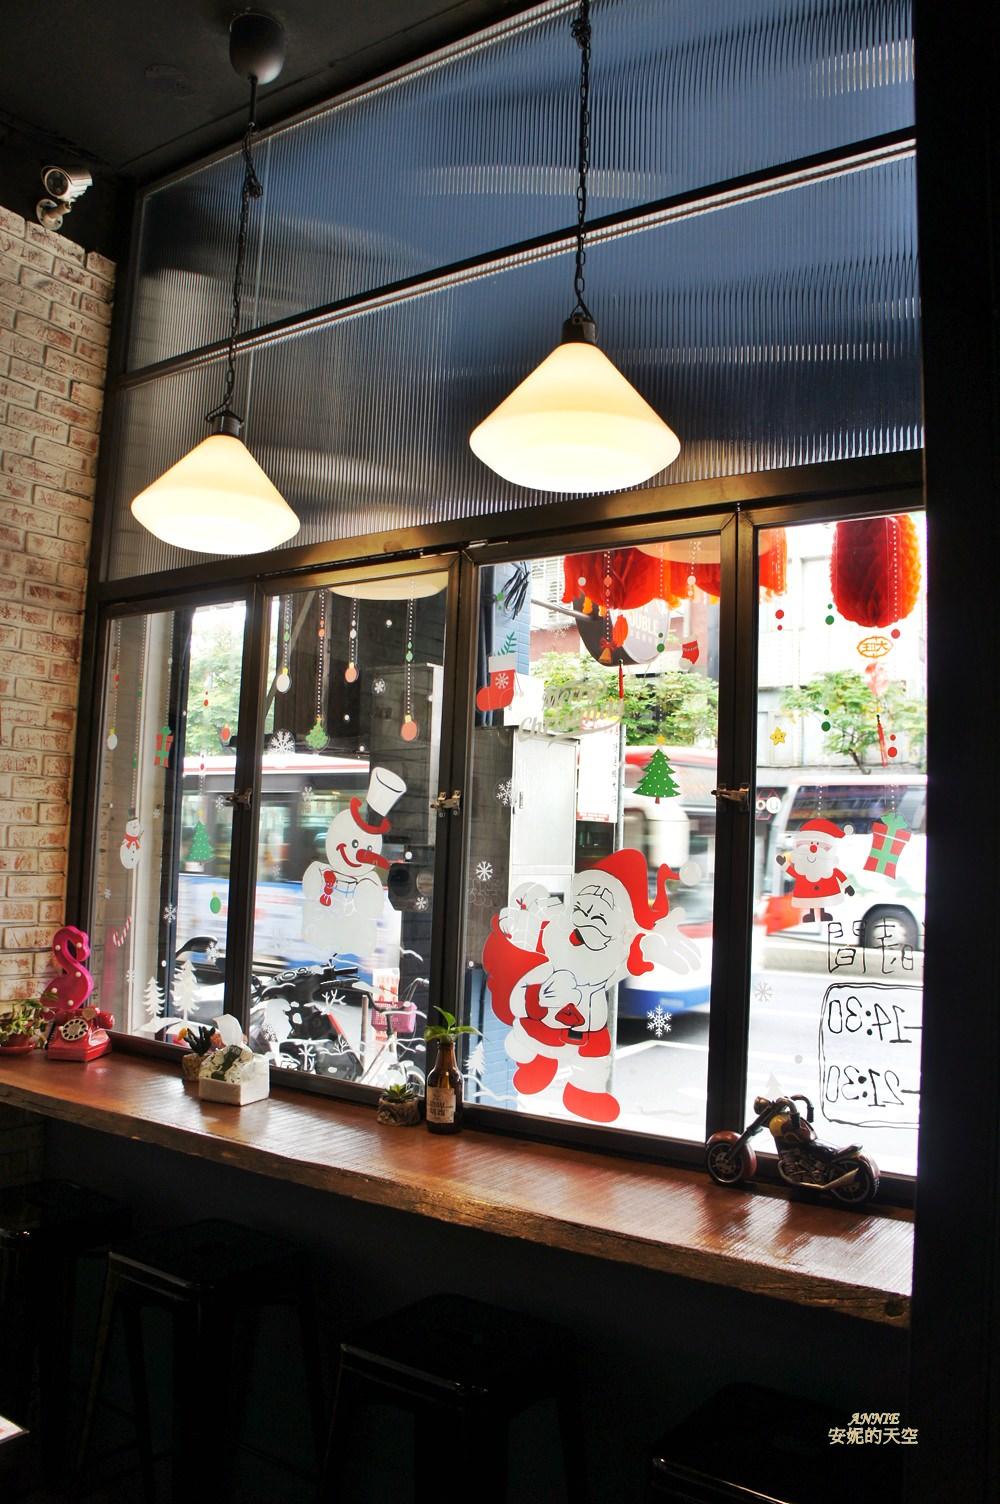 20171224192221 43 - [熱血採訪] 新莊輔大美食║Double泰 南洋風味料理║一個人也能品嘗的泰式料理 聚餐約會推薦餐廳